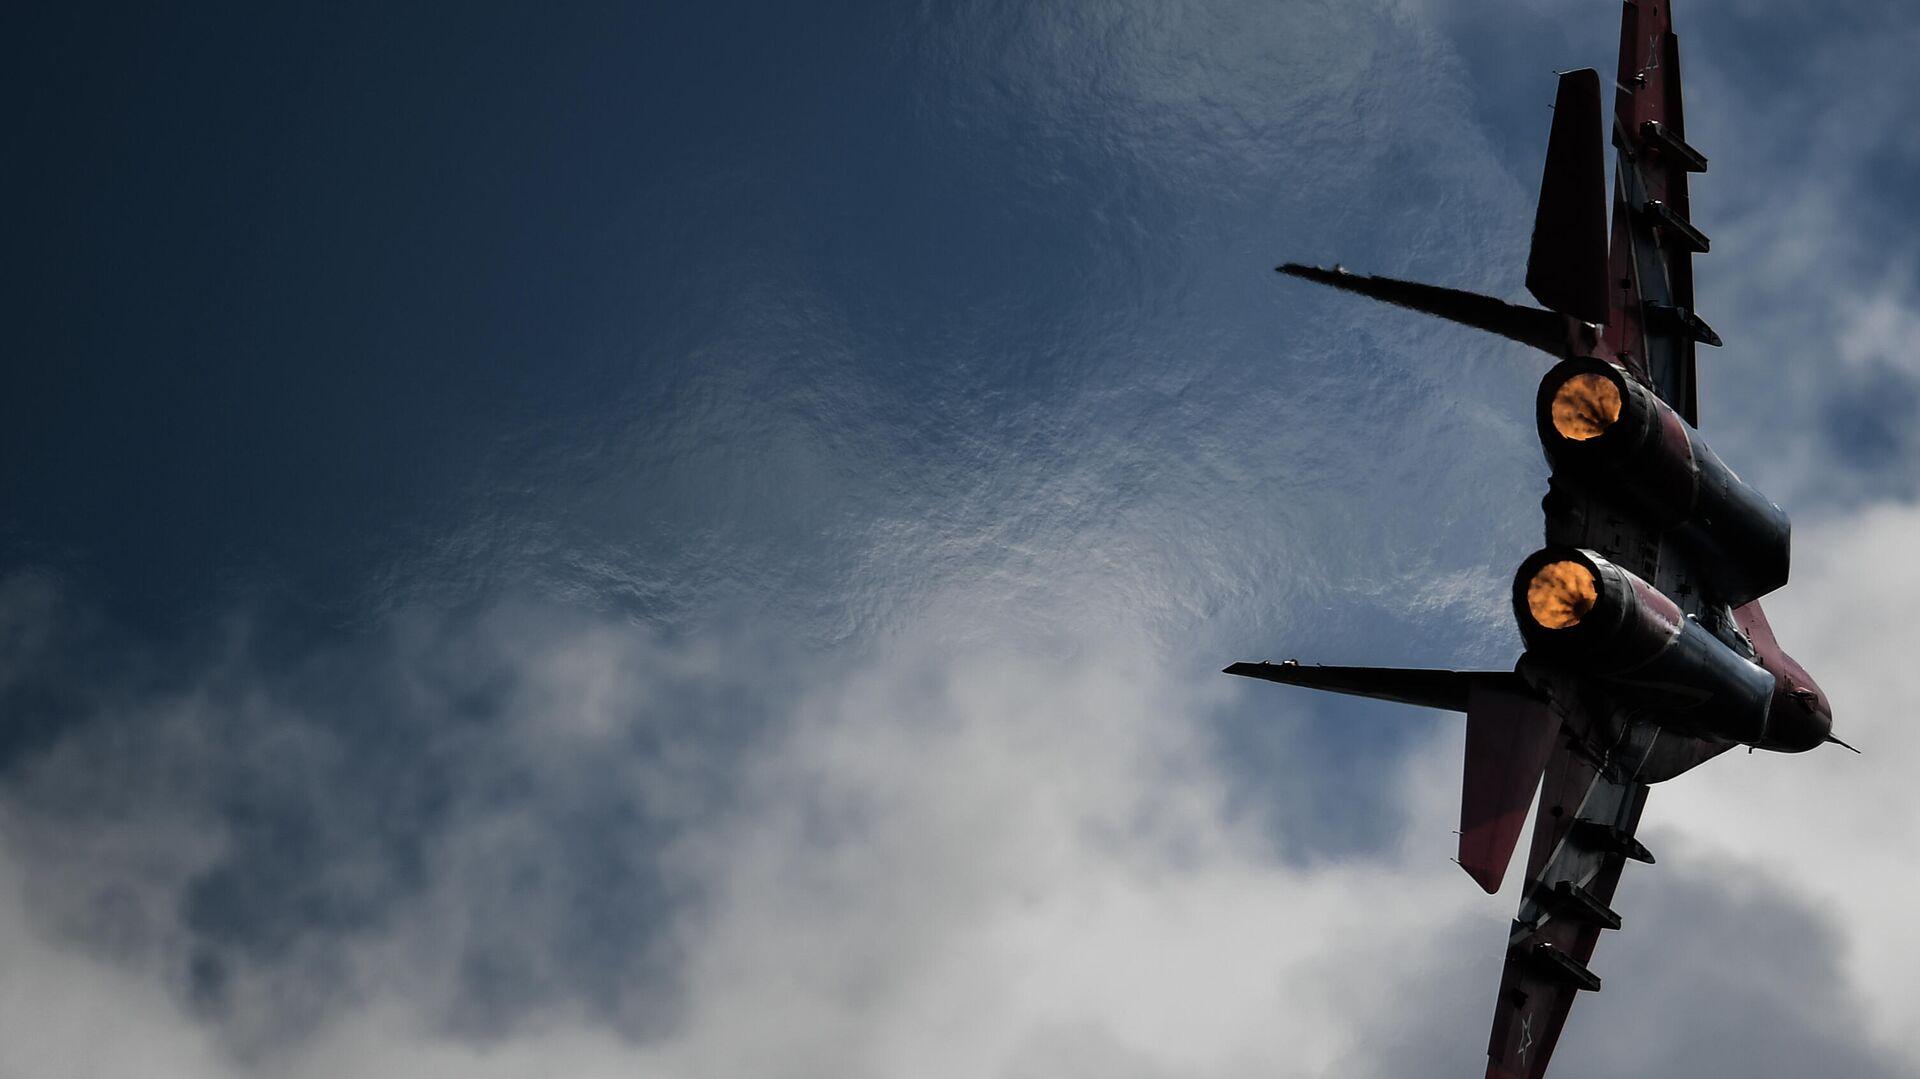 Истребитель МиГ-29 пилотажной группы Стрижи выполняет демонстрационный полет в рамках Международного форума Армия-2020 на аэродроме Кубинка в Подмосковье - РИА Новости, 1920, 07.09.2020